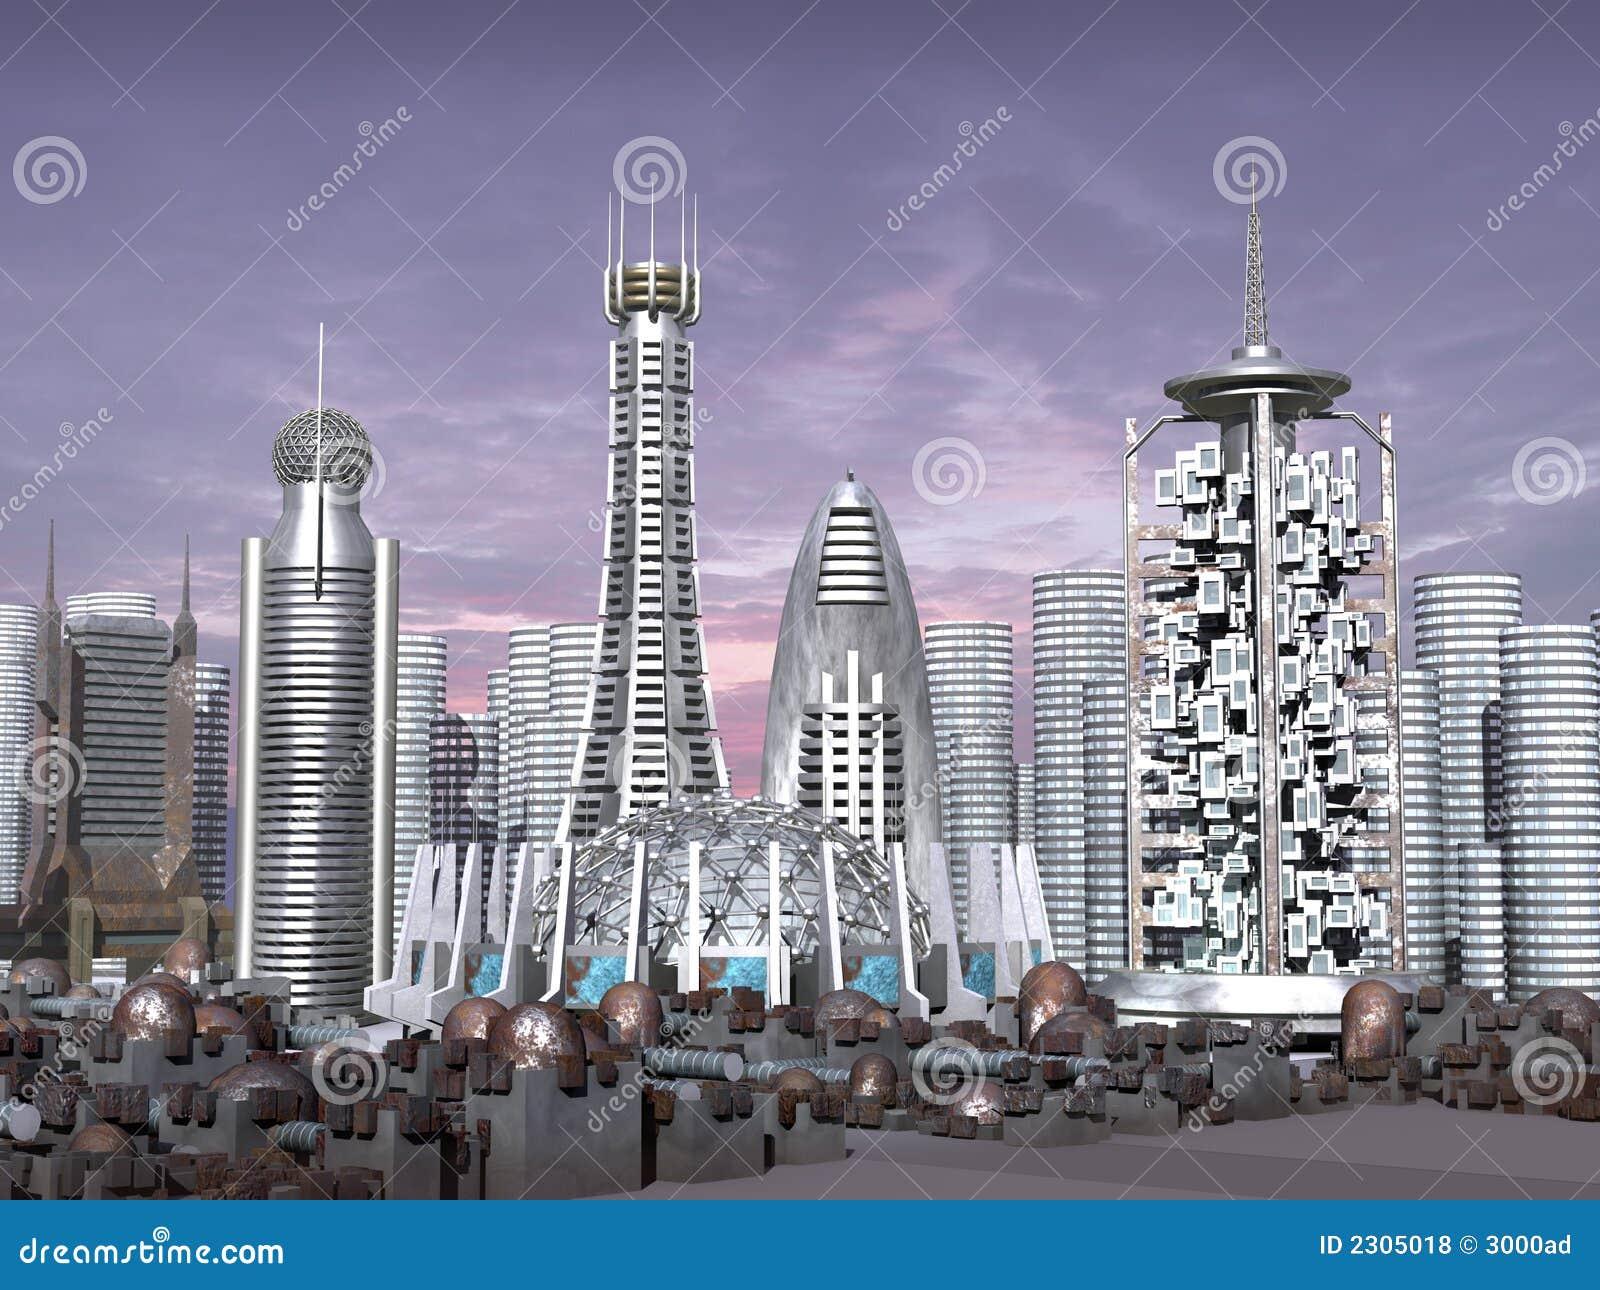 Modèle 3d de ville des sciences fiction